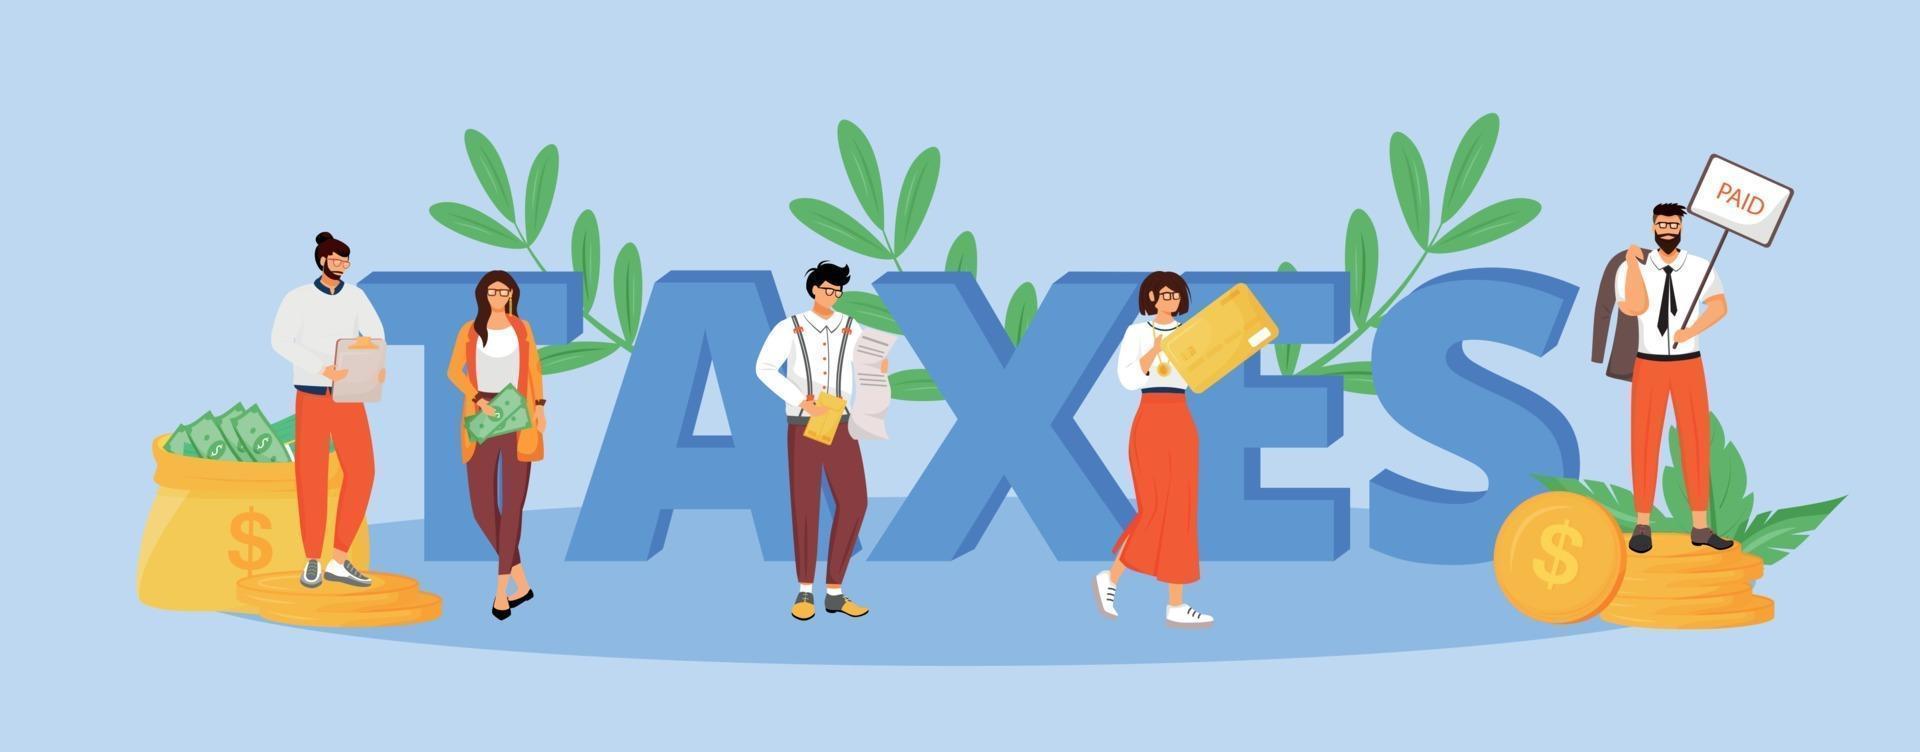 Steuern Wort Konzepte flache Farbe Vektor Banner. isolierte Typografie mit winzigen Comicfiguren. Steuerpolitik, gesetzliche Verpflichtung. Stromrechnung und Einkommenssteuerzahlung kreative Illustration auf blau